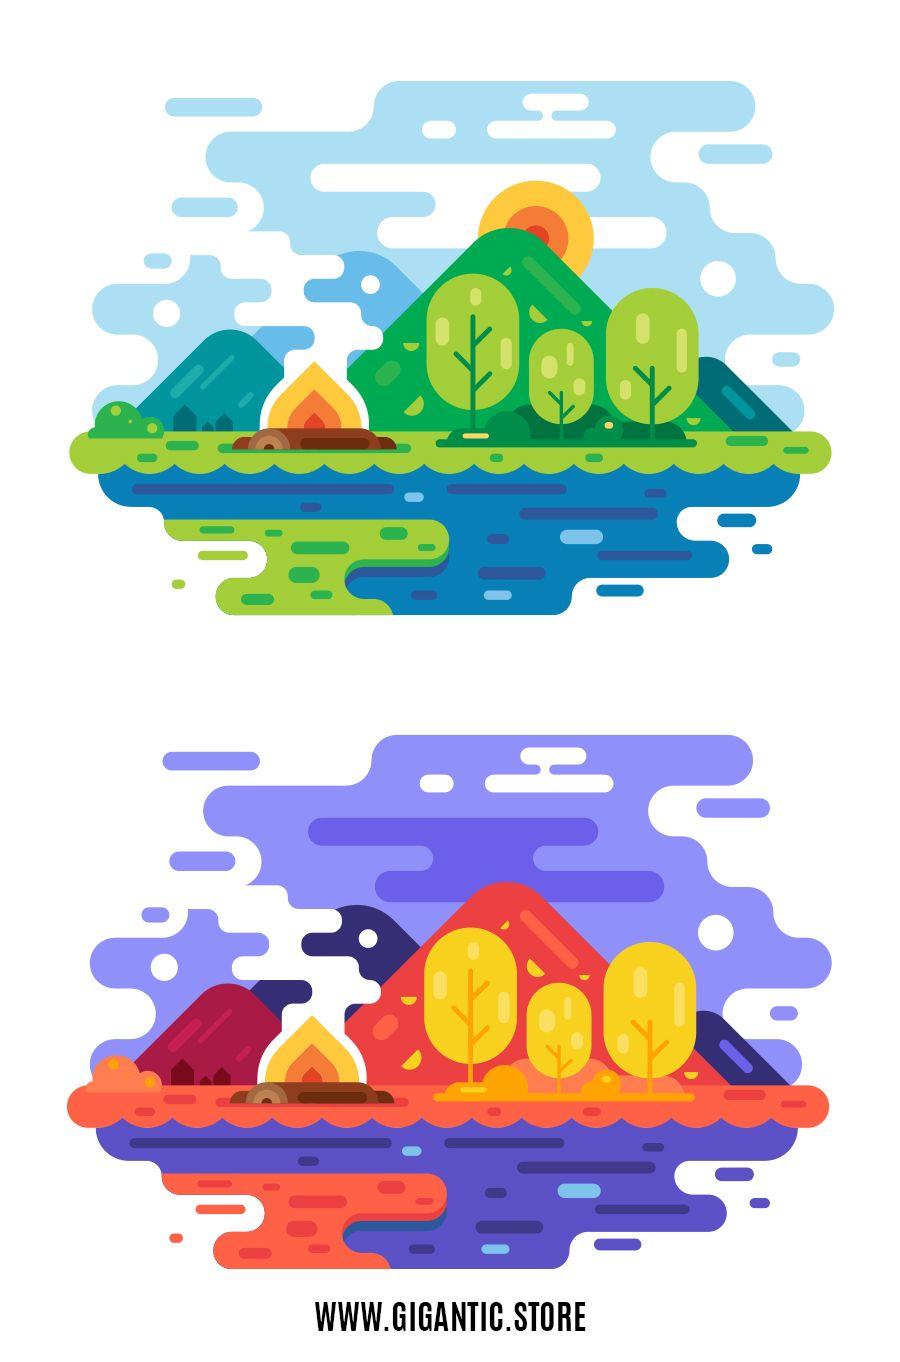 Flat Design Landscape Gigantic Flat Design Illustration And 2d Animation In 2020 Flat Design Illustration Flat Design Illustration Design